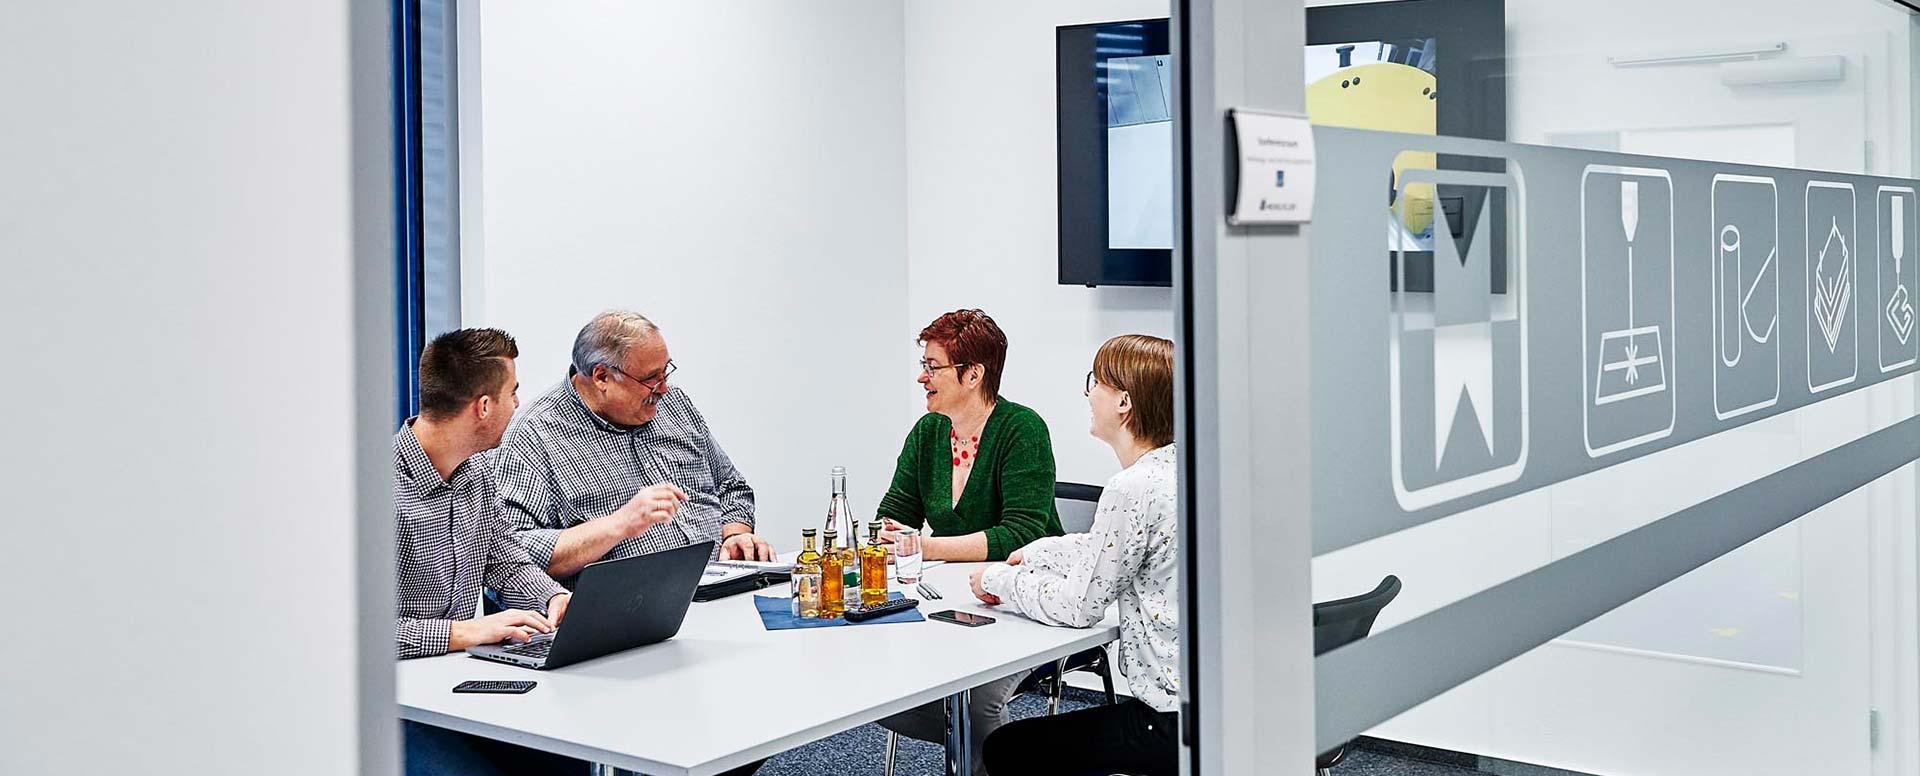 Michelfelder GmbH Unternehmen Ansprechpartner